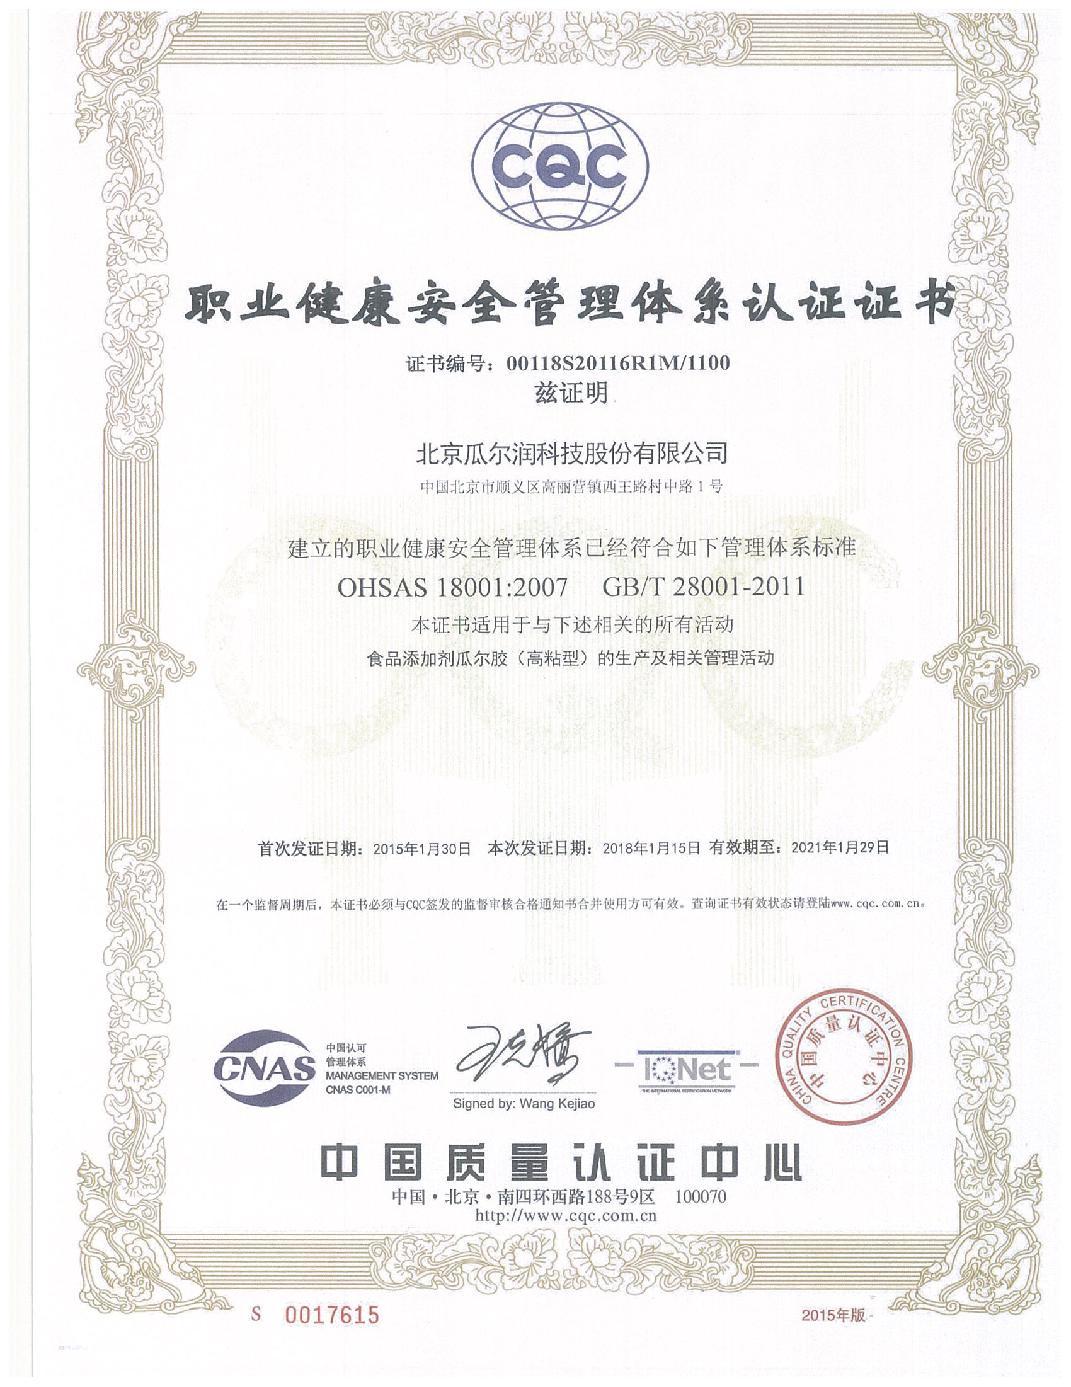 职业健康管理体系认证--GB/T 28001